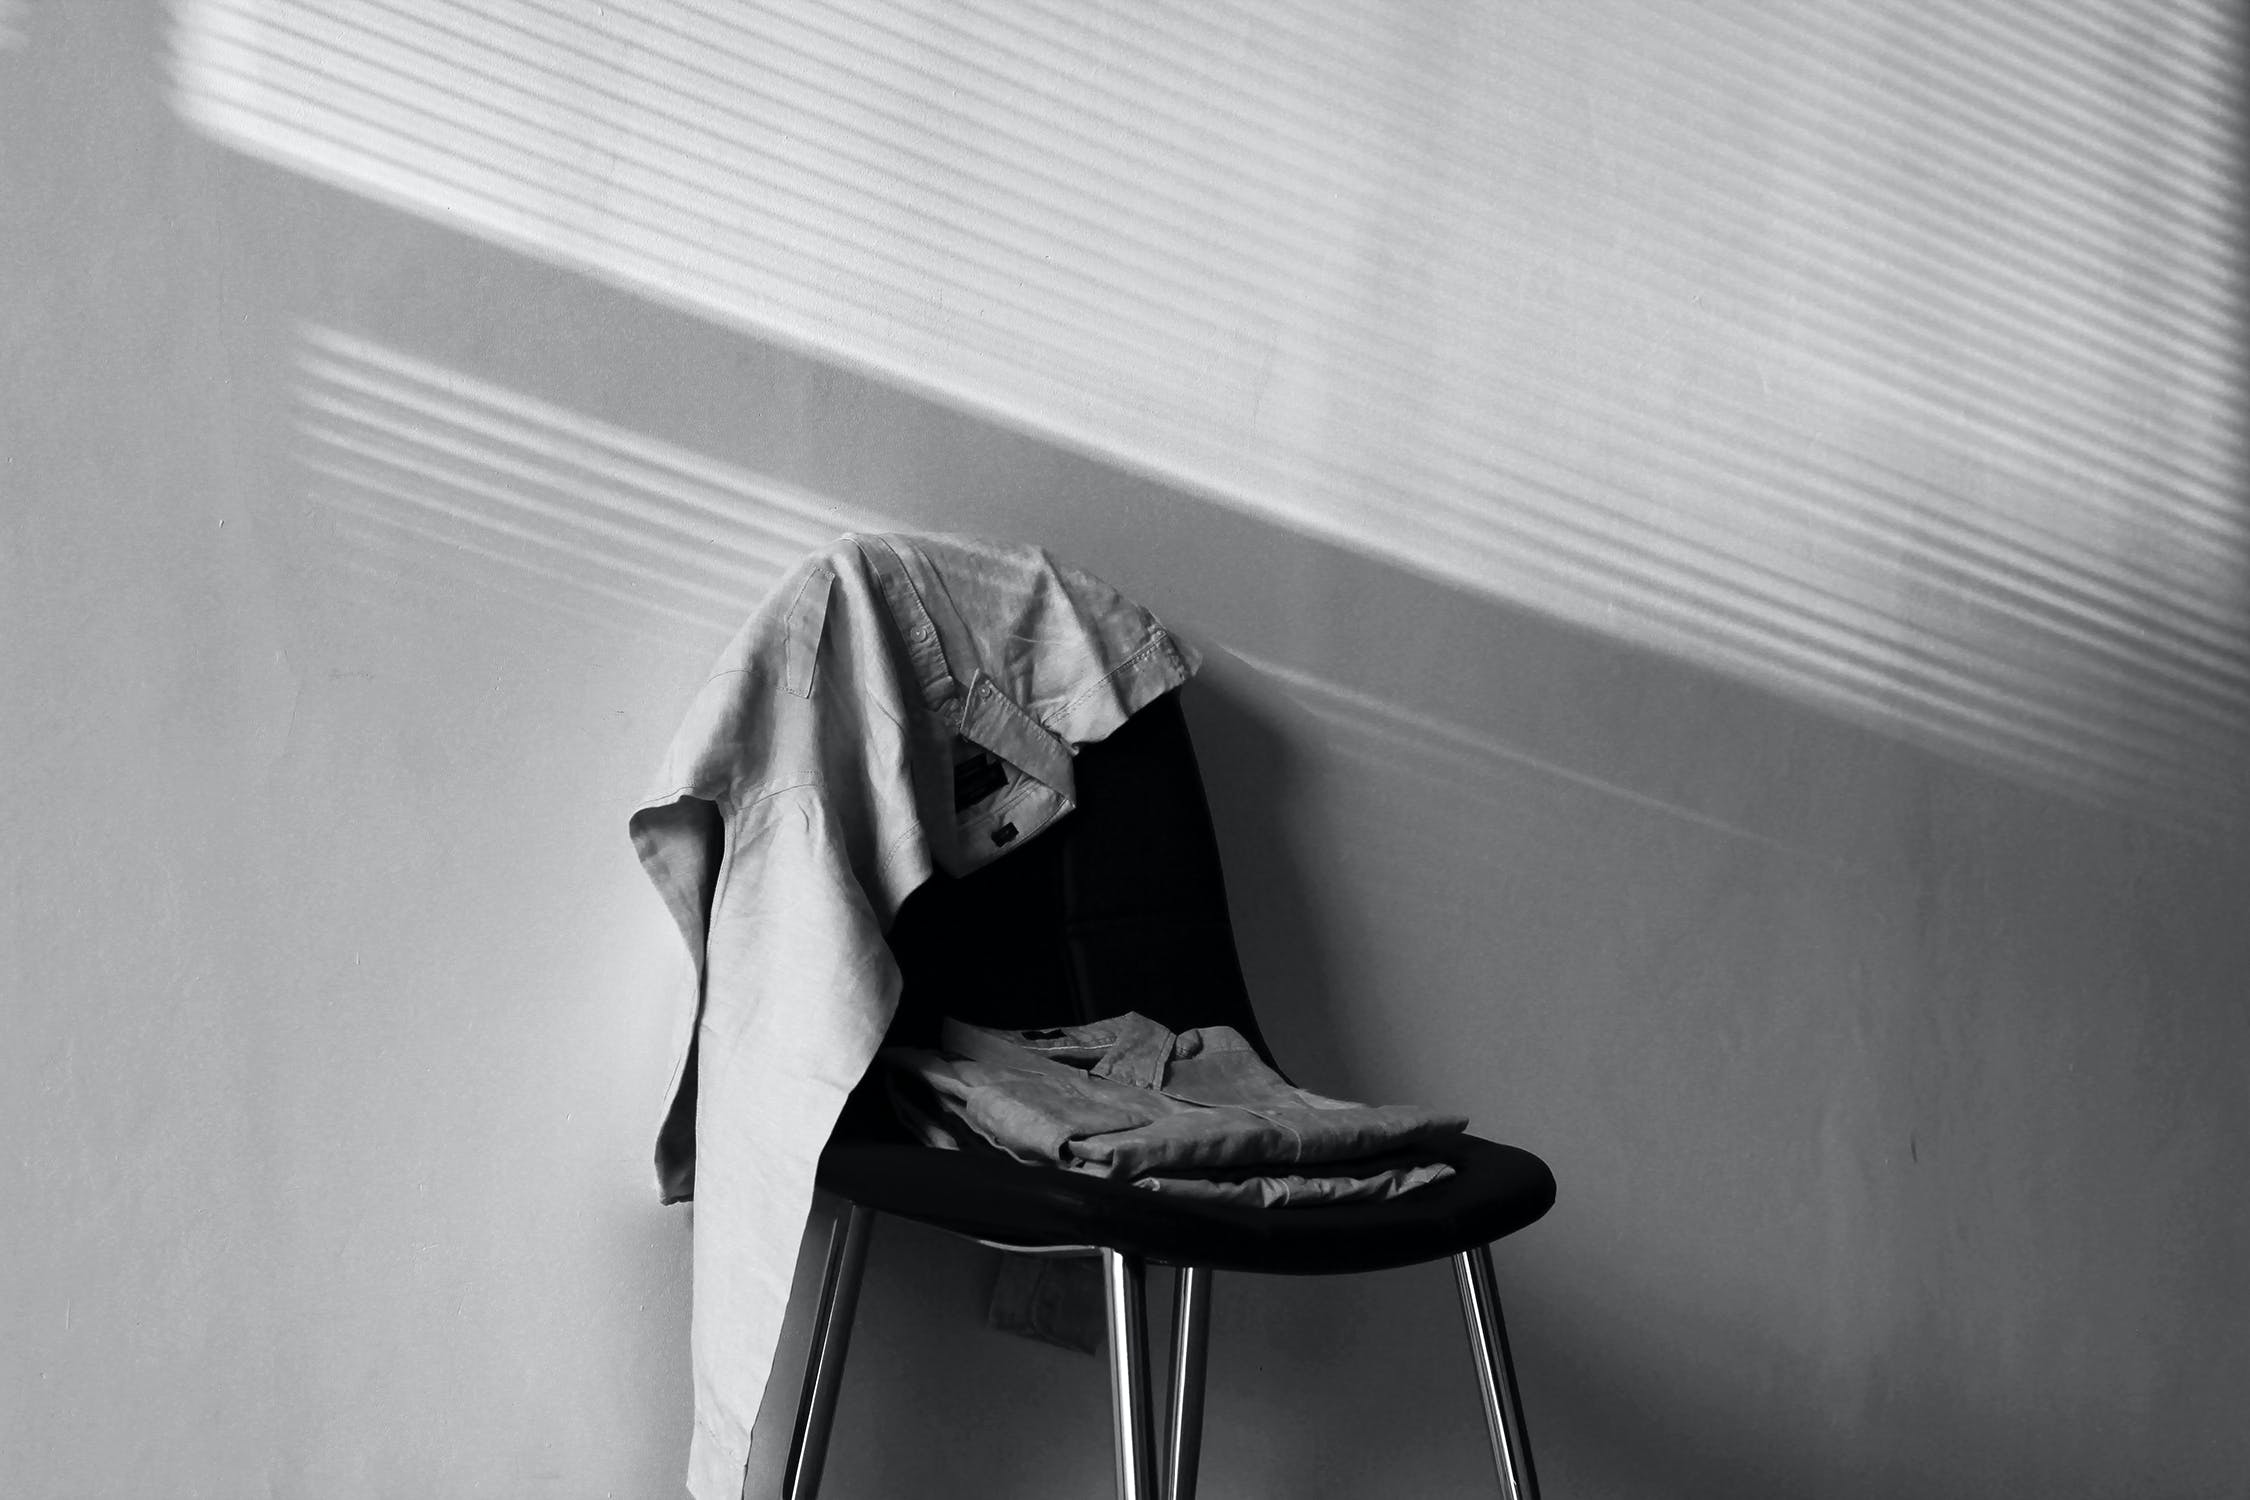 Kostenloses Stock Foto zu hemd, lebensstil, licht und schatten, männer kleidung